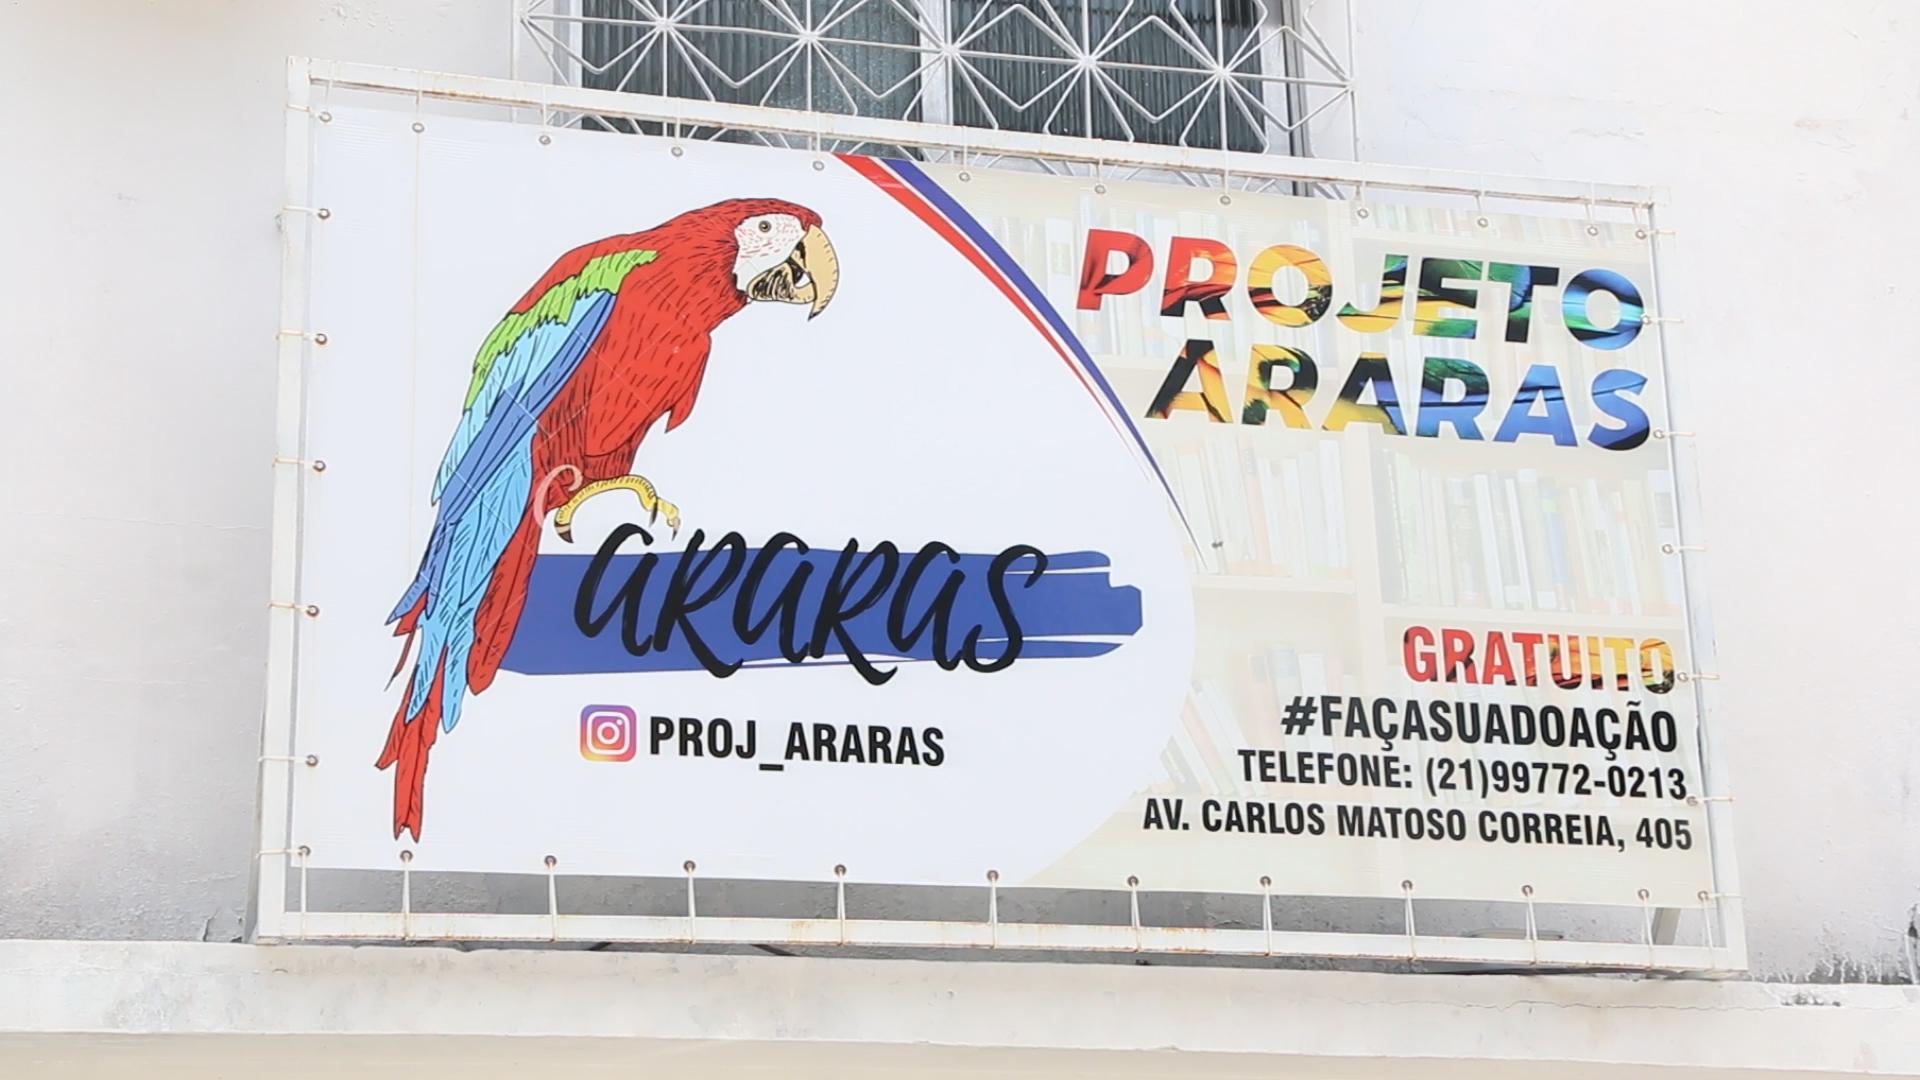 Projeto social oferece atividades educacionais e recreativas para crianças da Favela do Arará